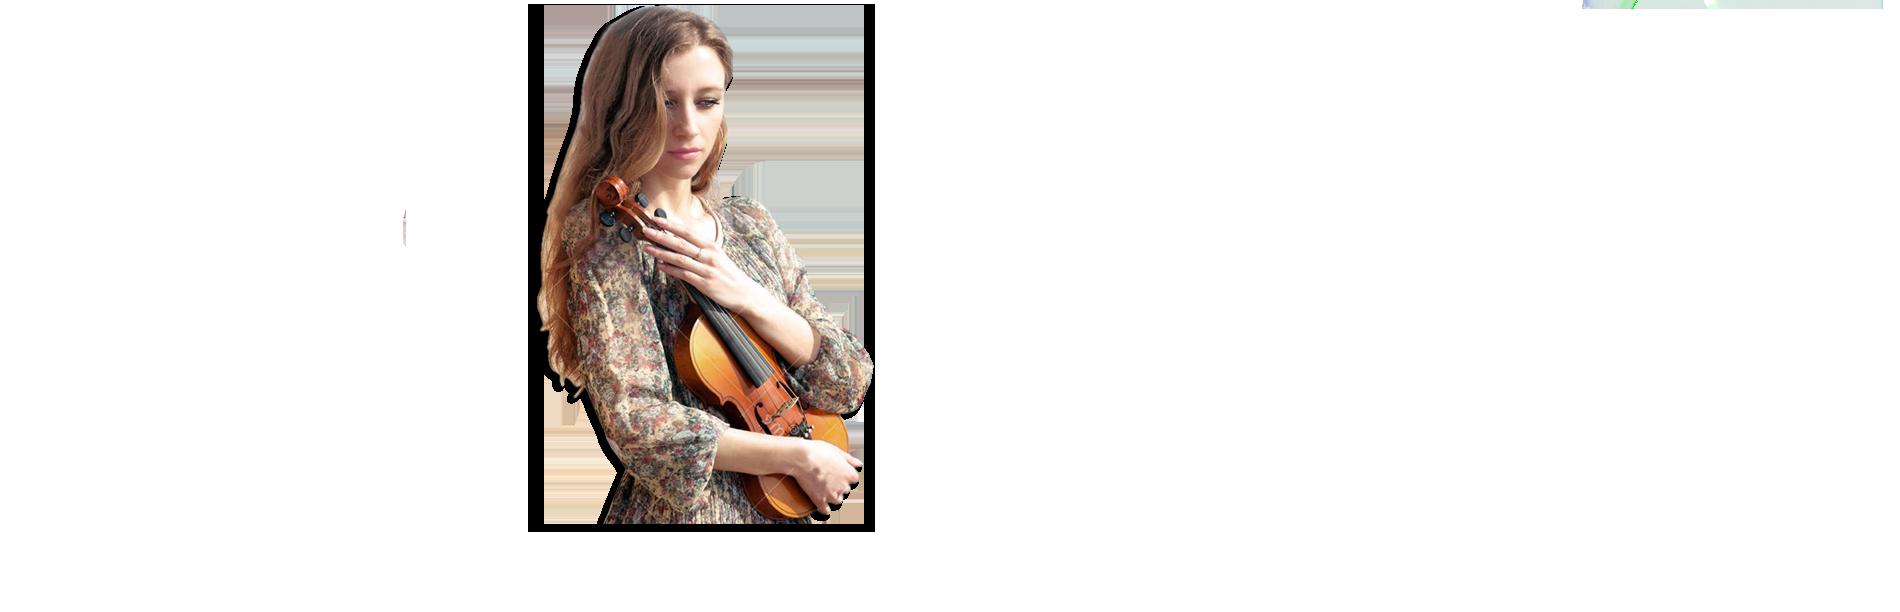 ヨーロッパのバイオリンチェロの弓